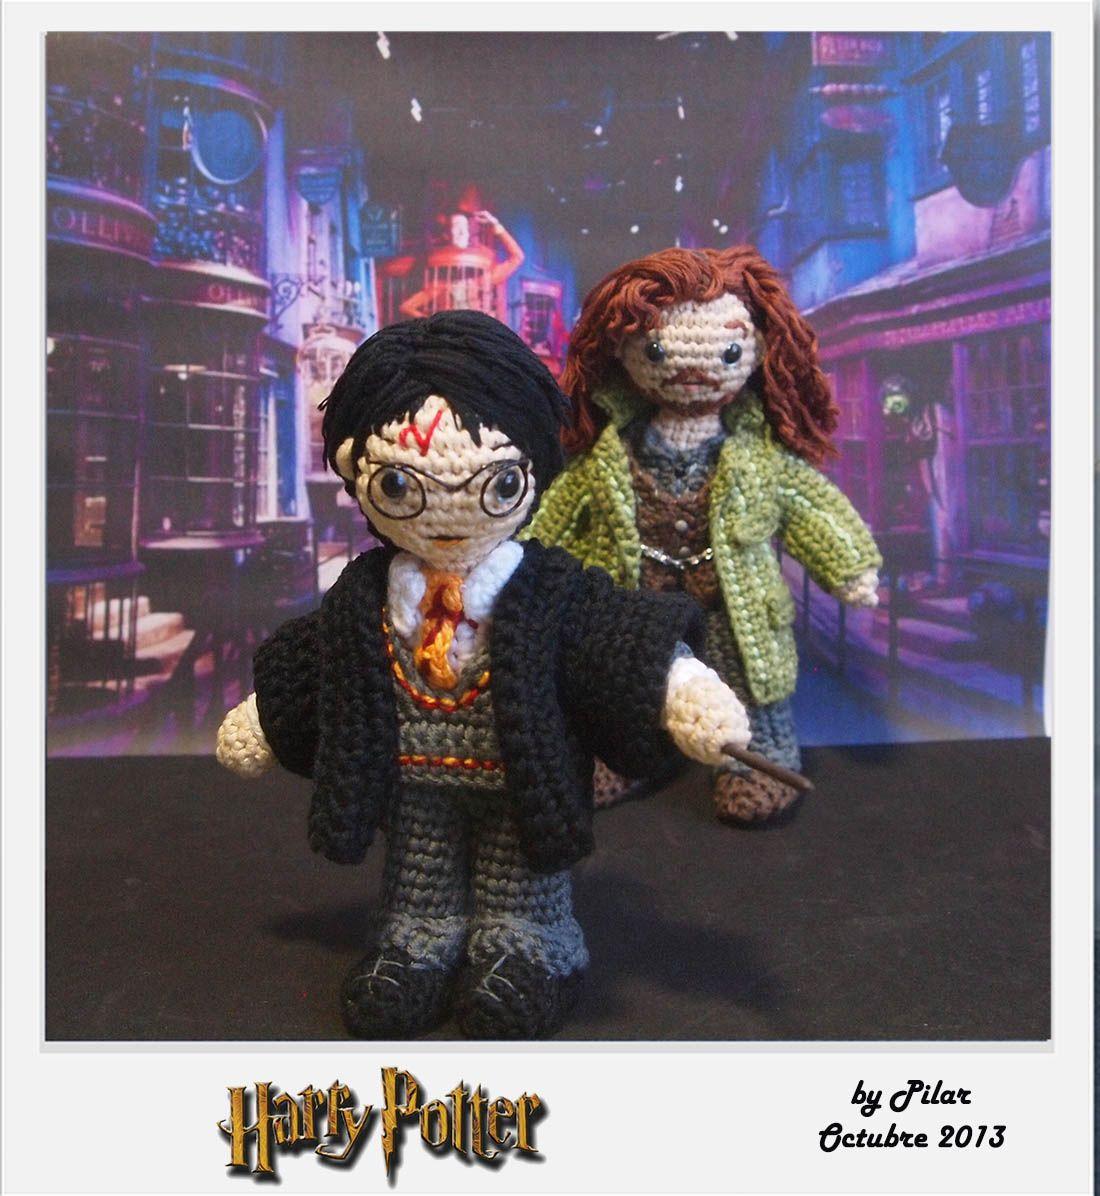 Amigurumi Human Pattern Free : #amigurumi Harry Potter Harry Potter Pinterest